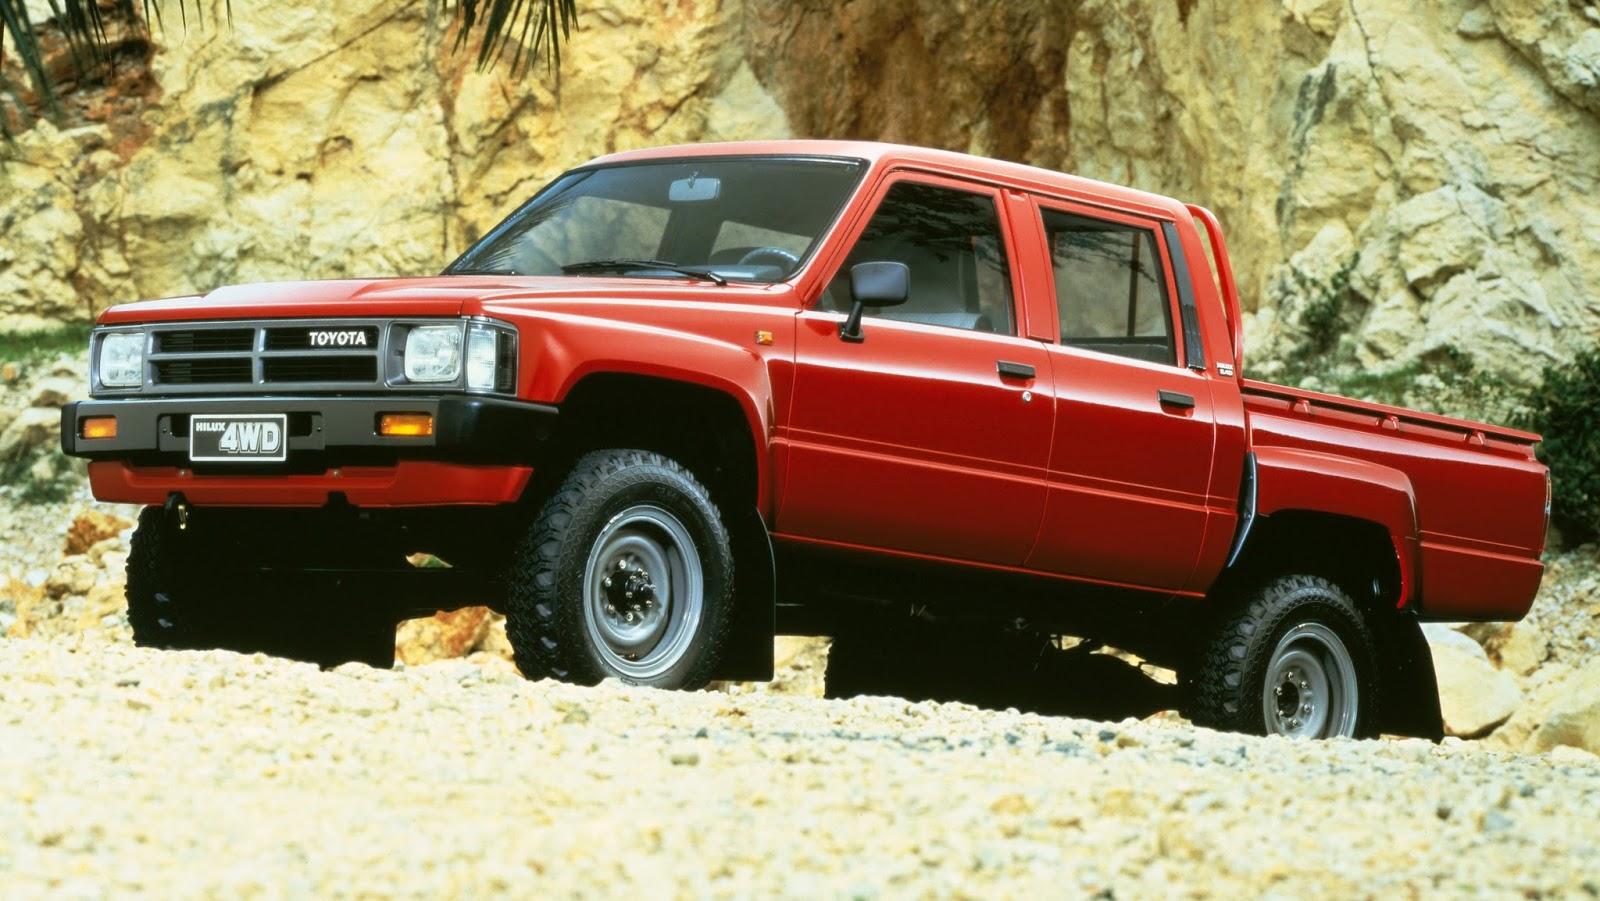 Para la cuarta generaci n de hilux fabricada entre 1984 y 1989 el n mero de versiones se ampli de 17 a 20 en los modelos de exportaci n